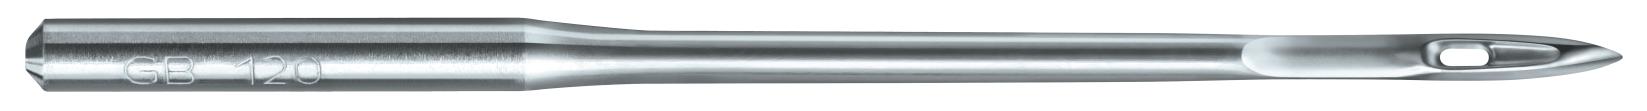 Швейная игла Groz-Beckert 134 LR №100 для кожи